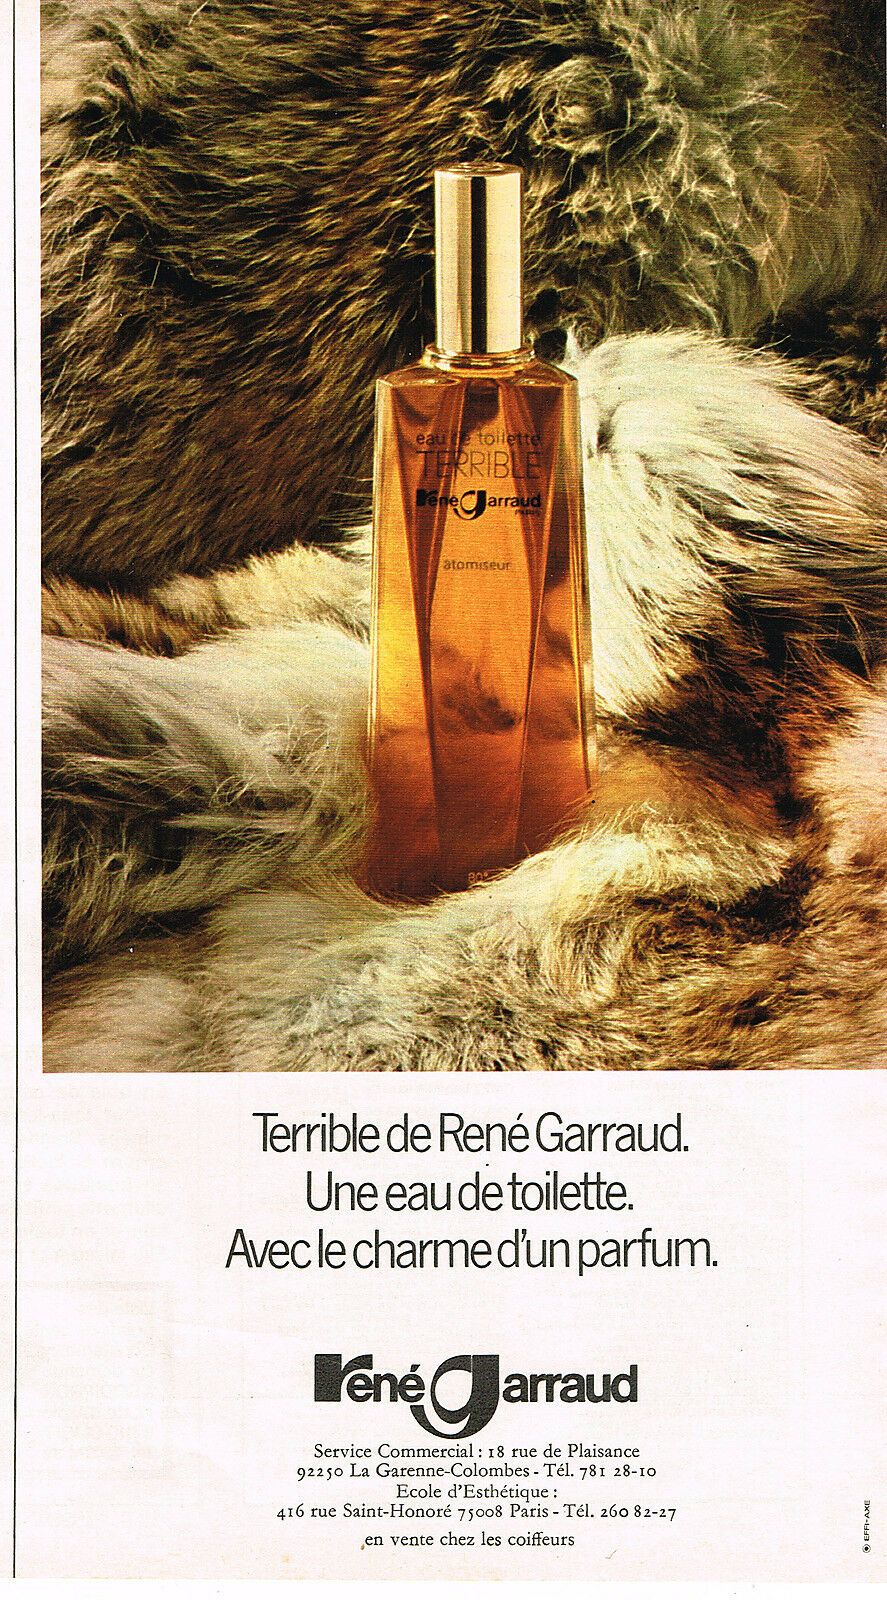 Publicite Advertising 015 1975 Rene Garraud Eau De Toilette Terrible Ebay Eau De Toilette La Garenne Colombes Eau De Toilette Homme